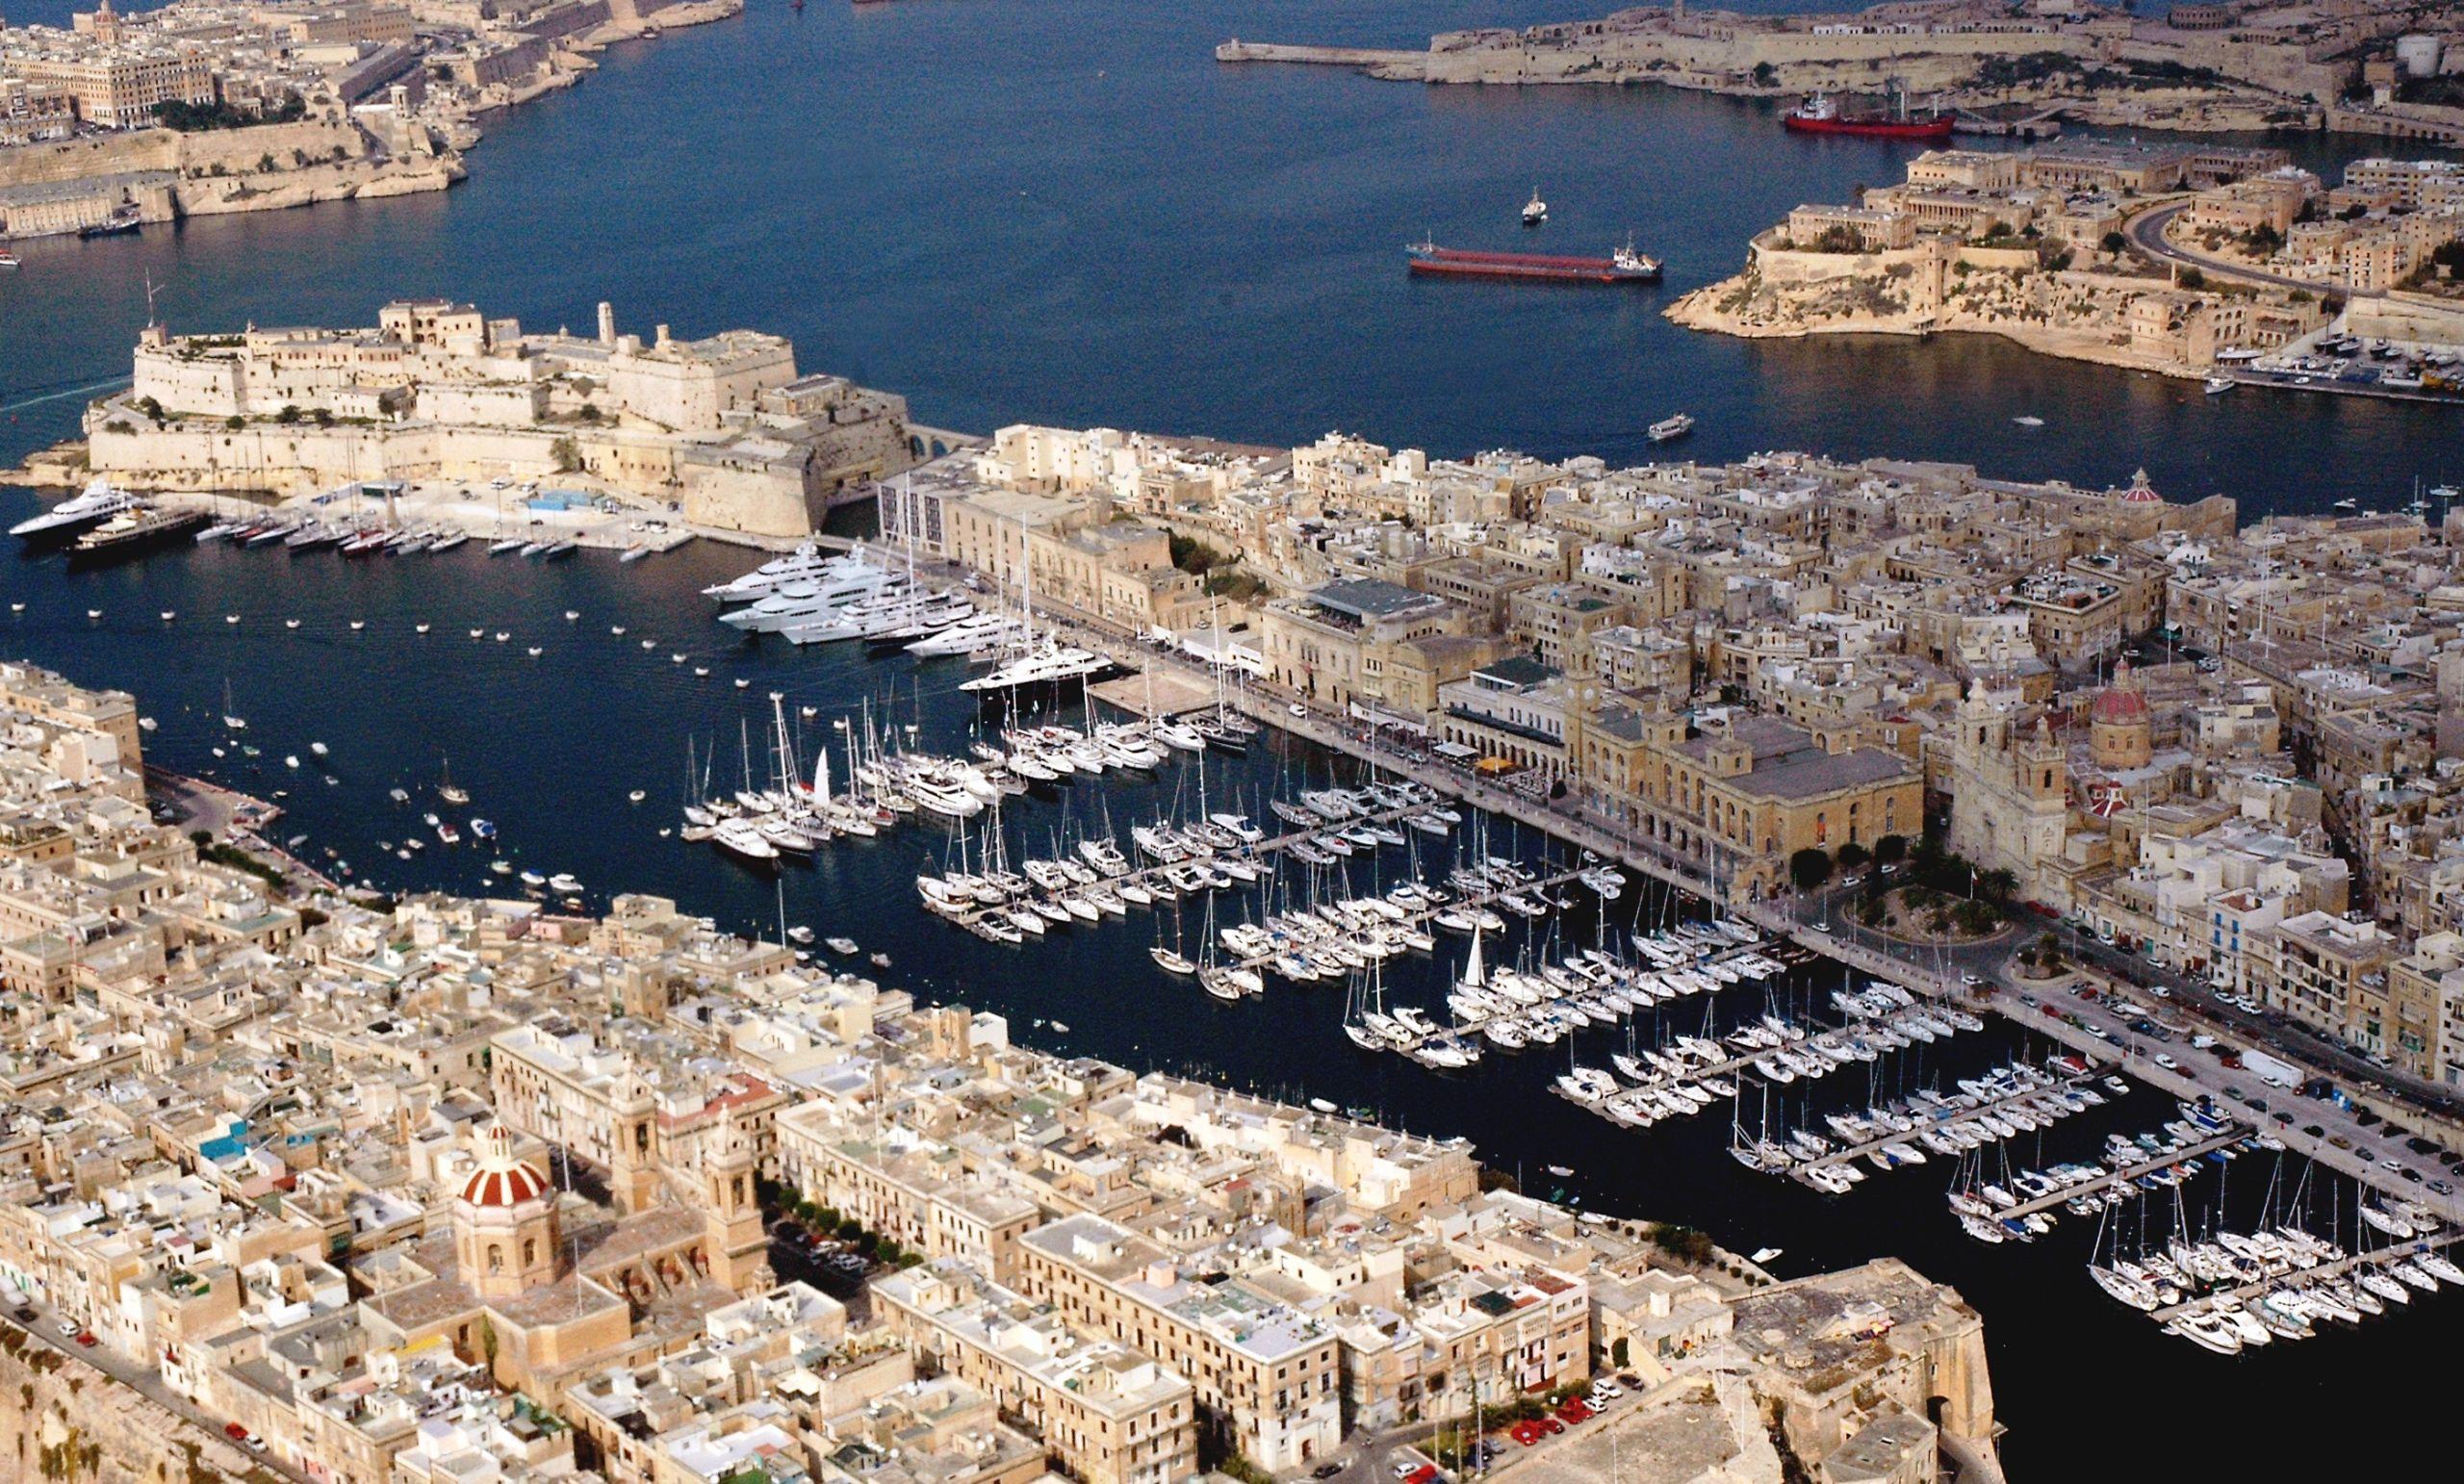 A Grand Harbour - copyright visitmalta.com